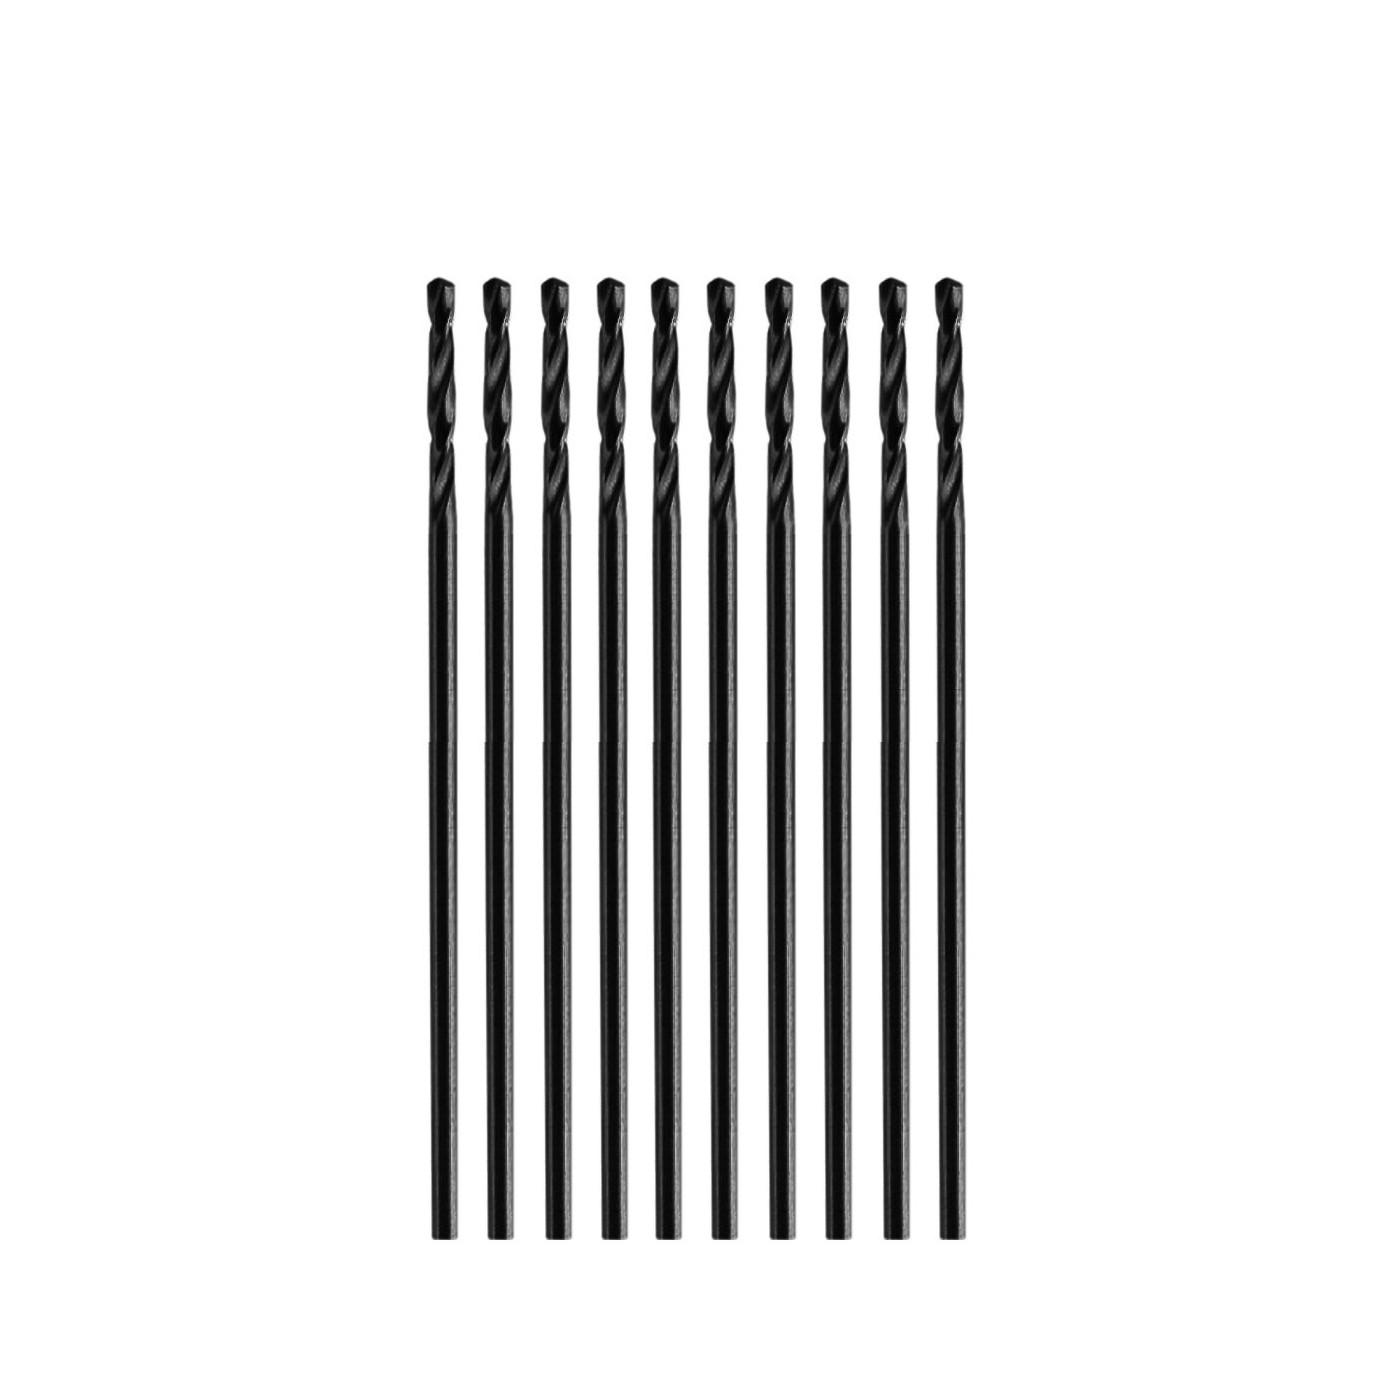 Zestaw 10 małych wierteł do metalu (3,2x65 mm, HSS-R)  - 1